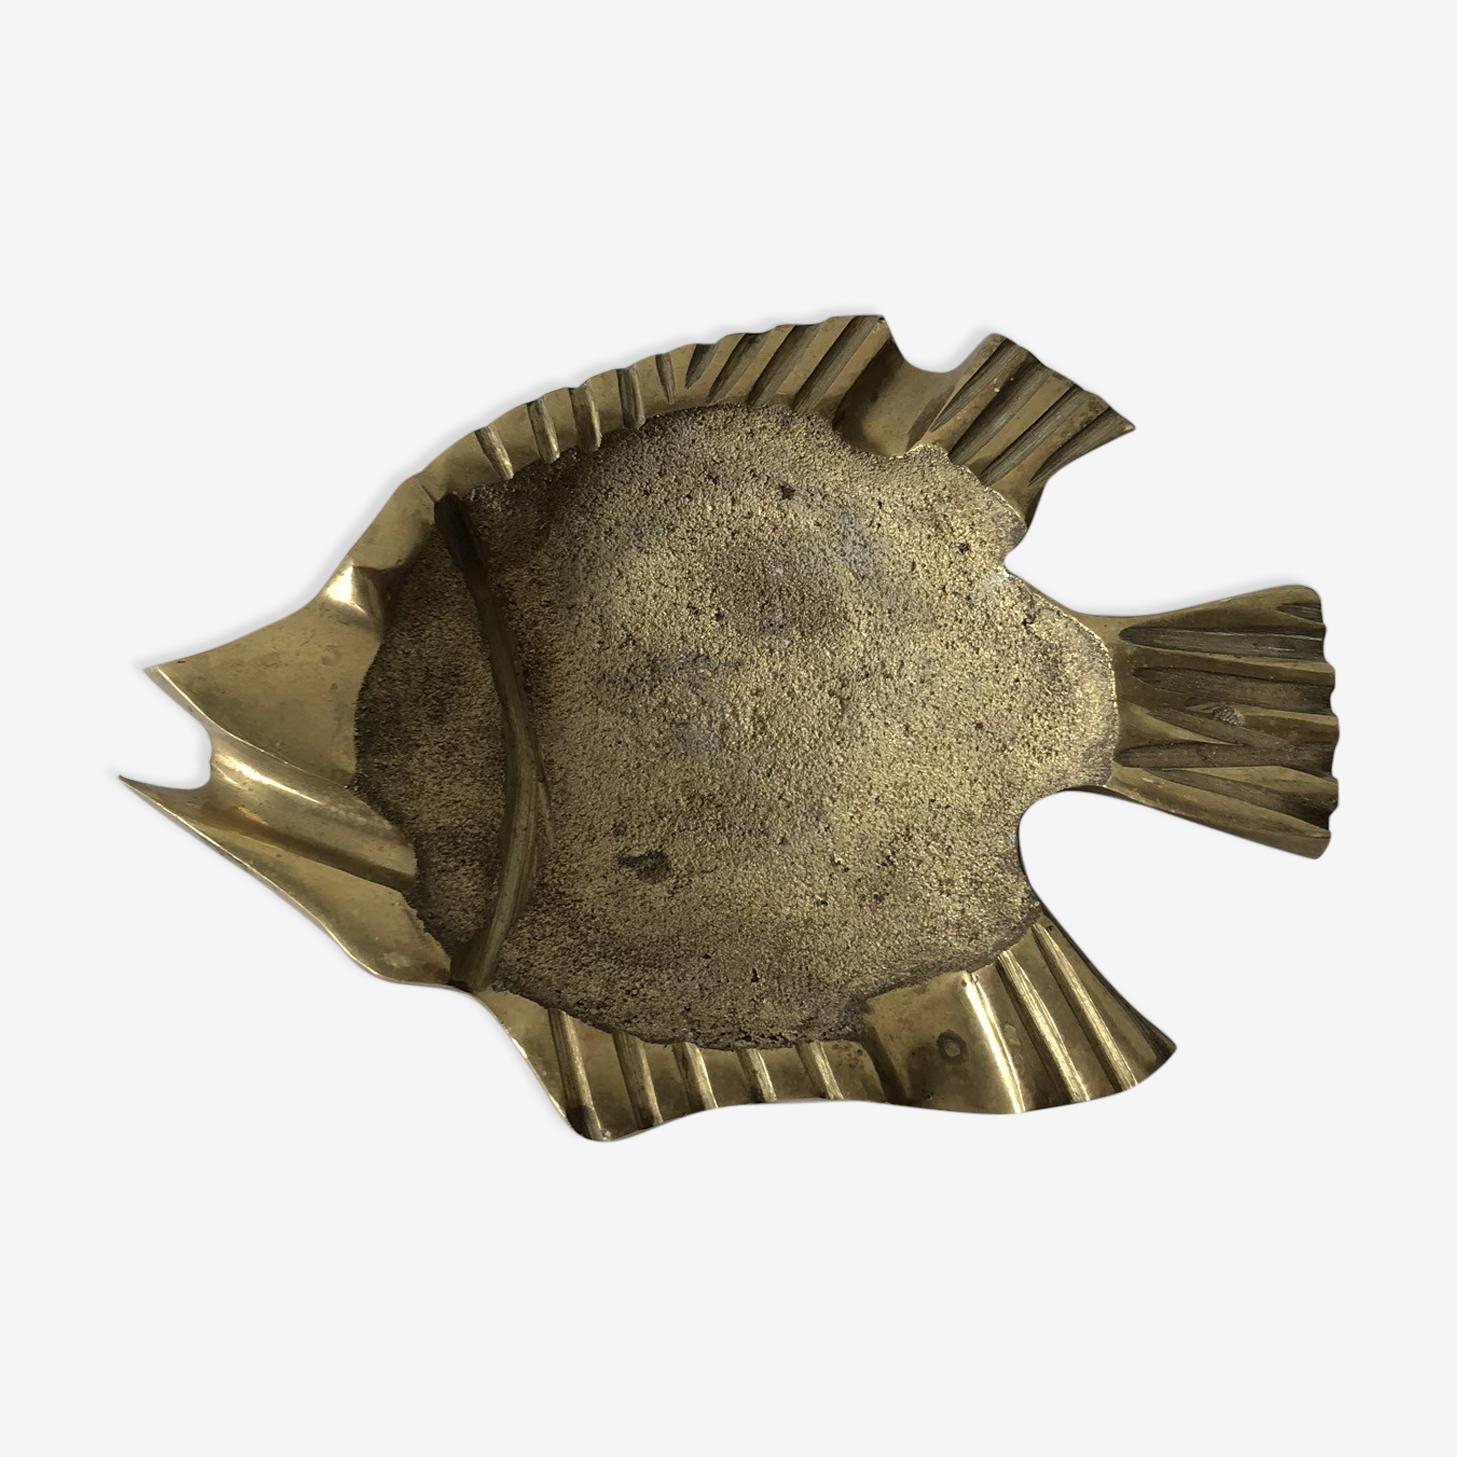 Vide poche en laiton en forme de poisson